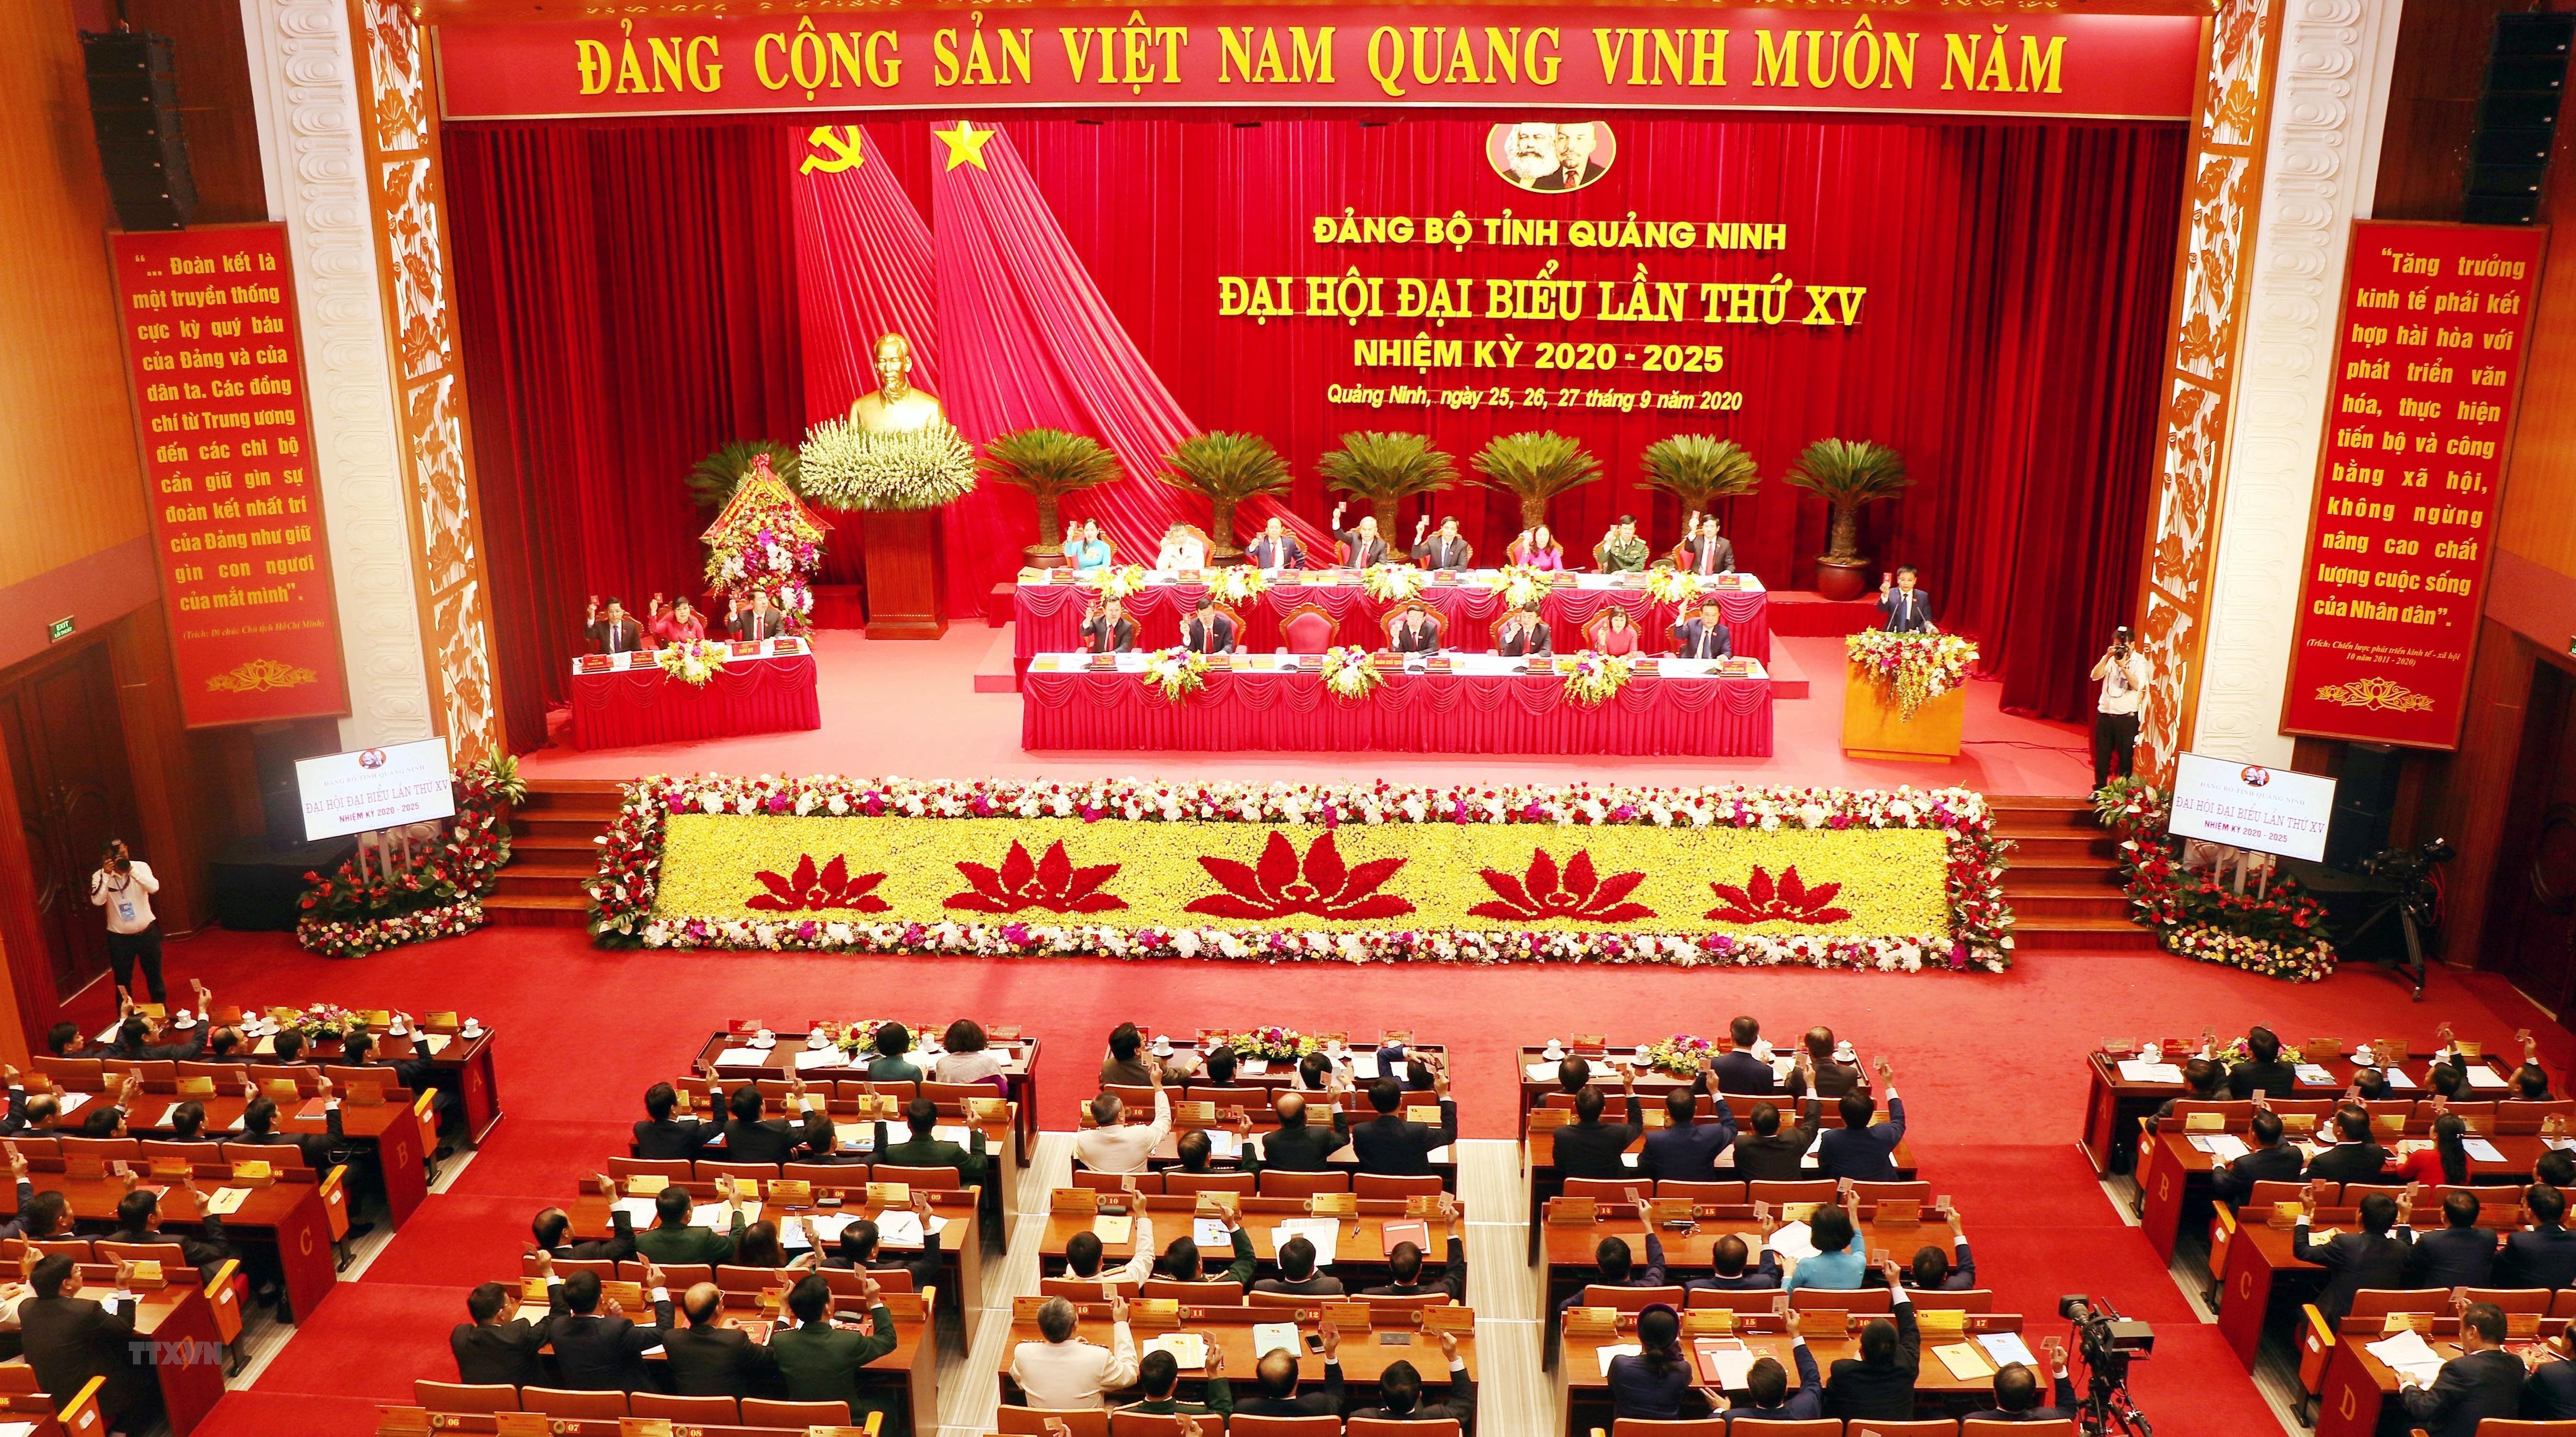 Ong Nguyen Xuan Ky tai cu chuc Bi thu Tinh uy Quang Ninh hinh anh 1